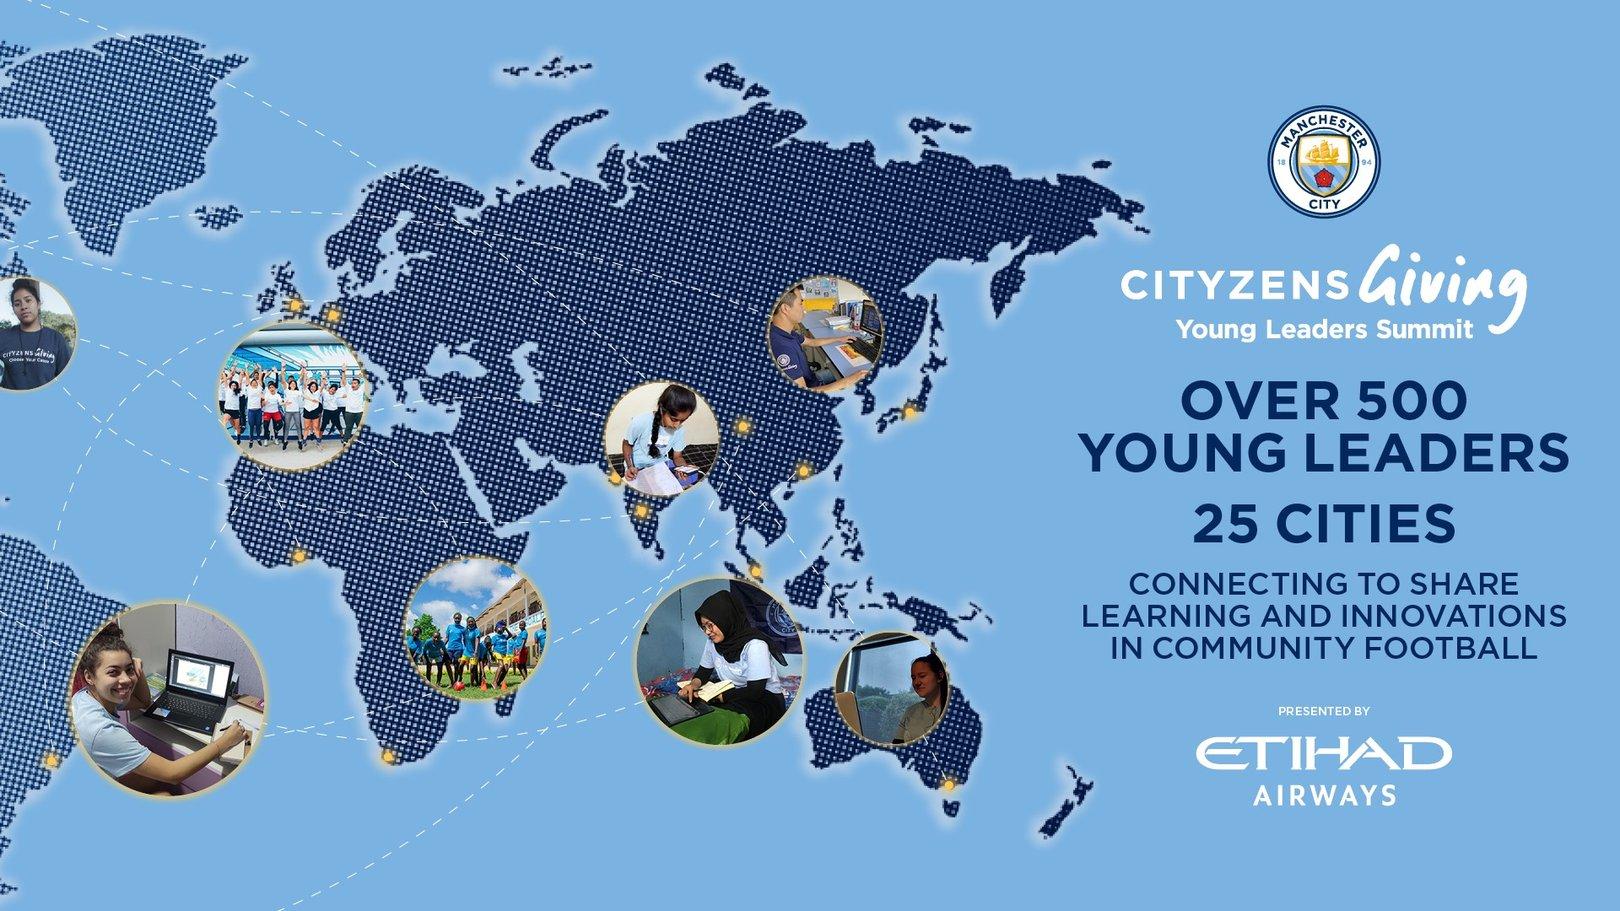 Cityzens Giving Young Leaders Summit Kembali Hadir Untuk Tahun Ketujuh